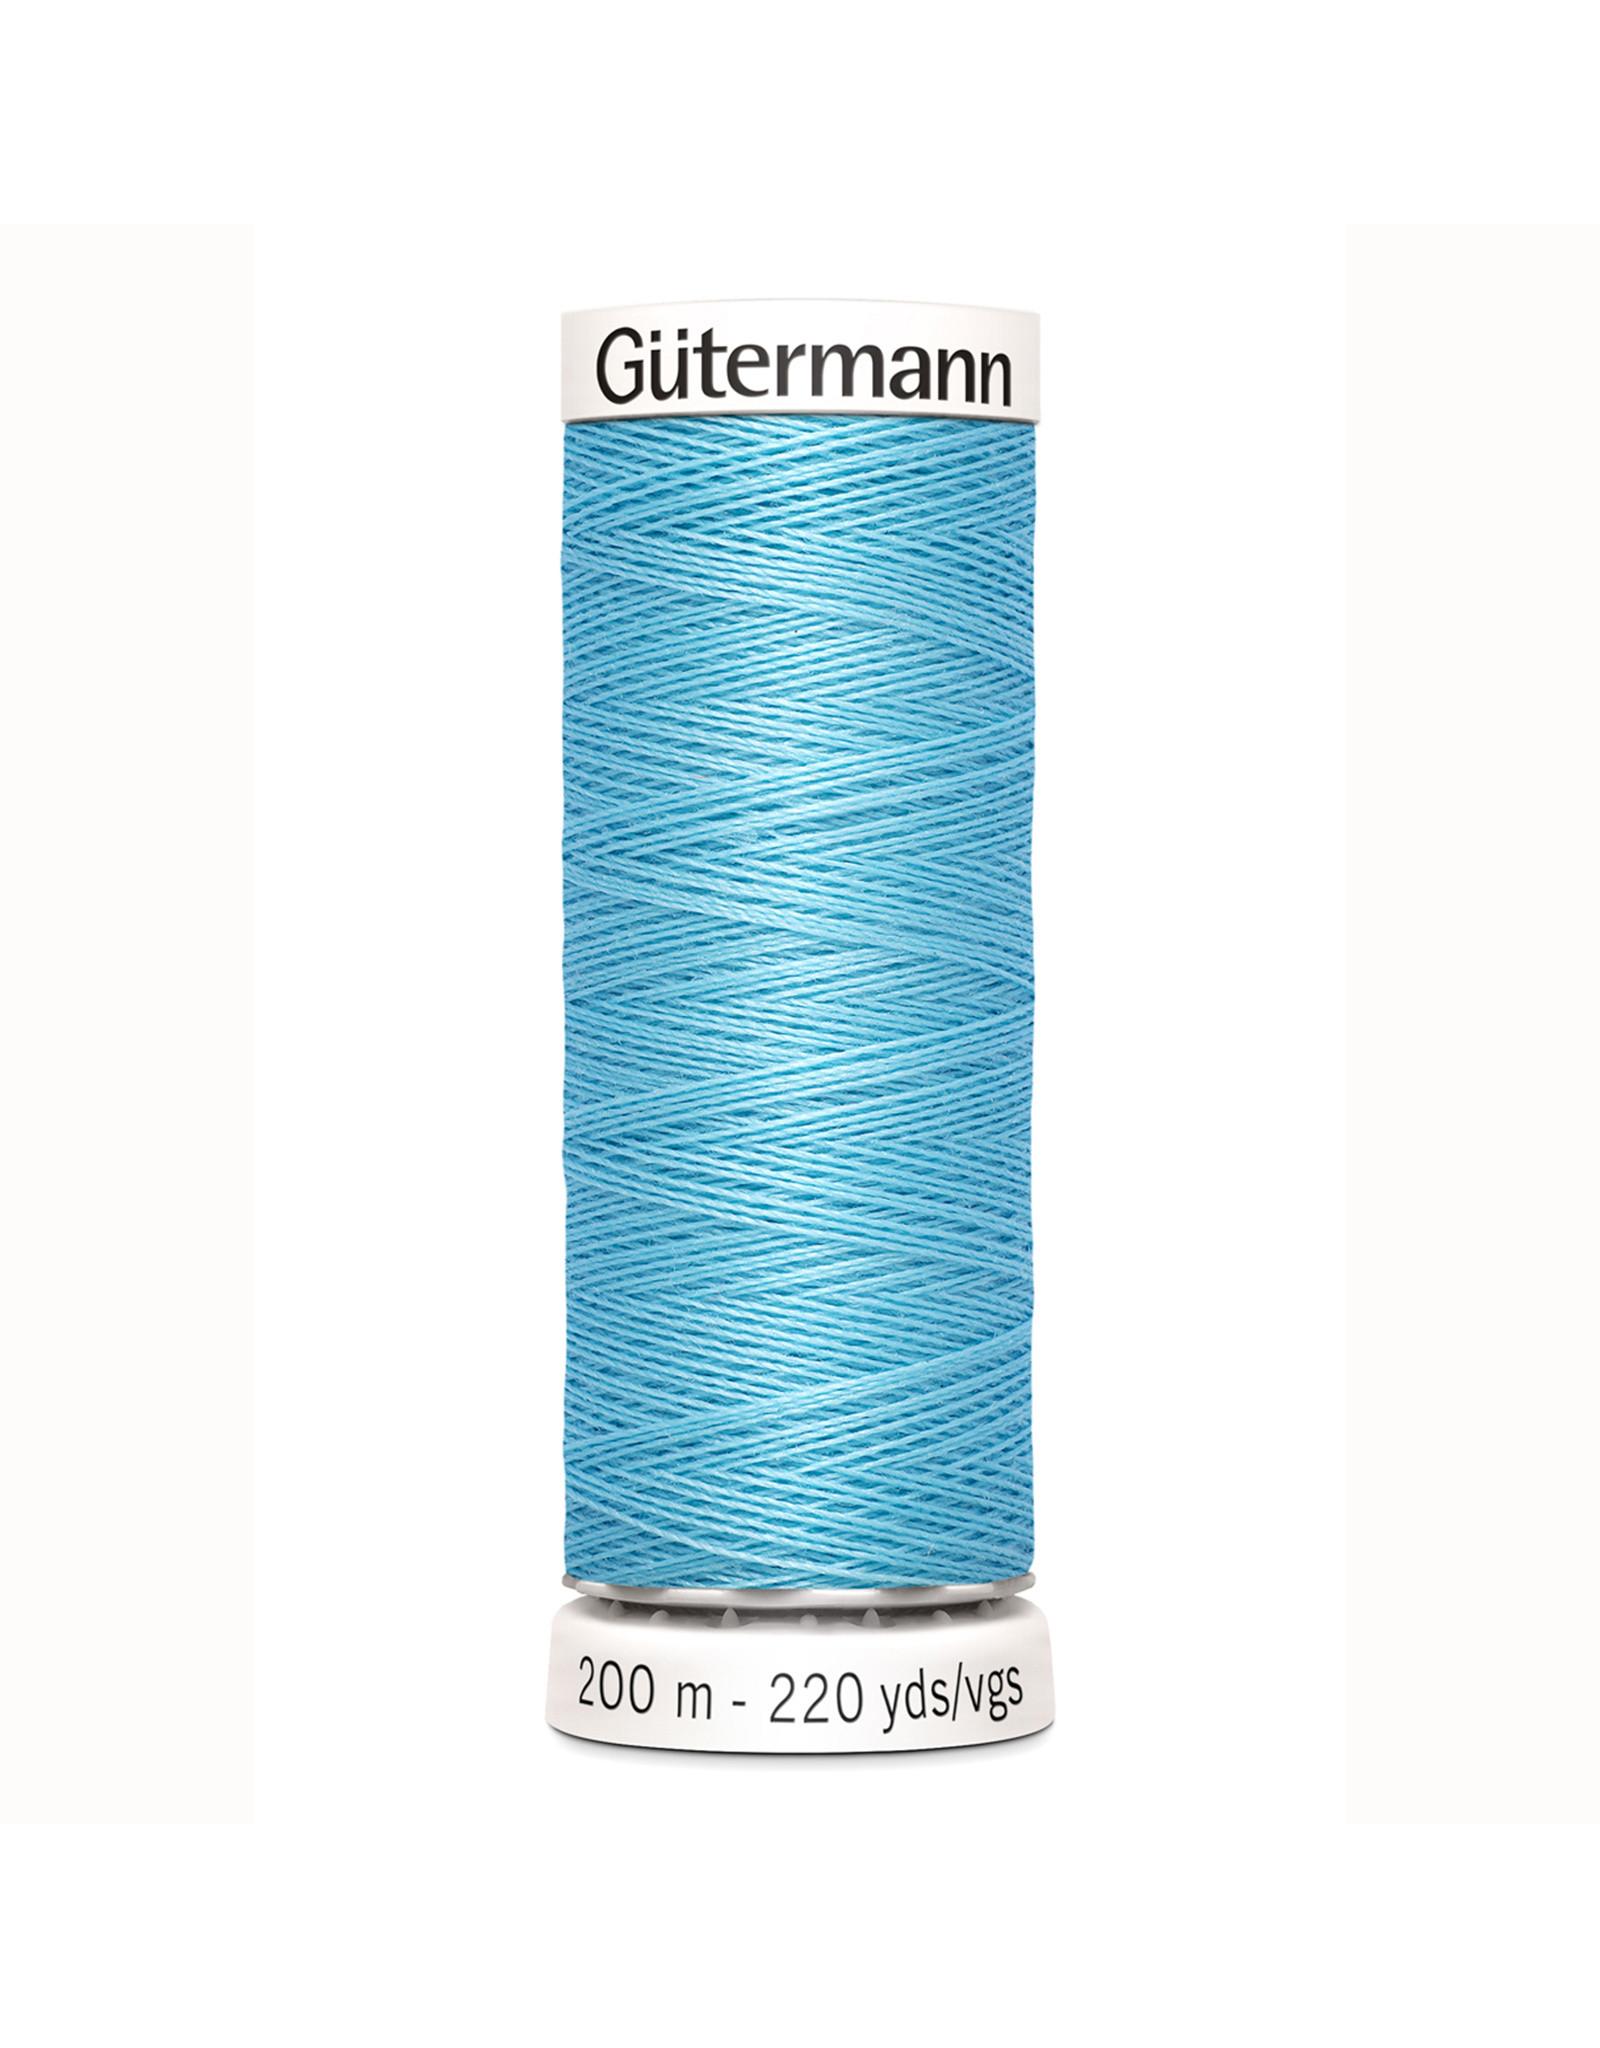 Gütermann Gütermann Sewing Thread 200 m - nr 196